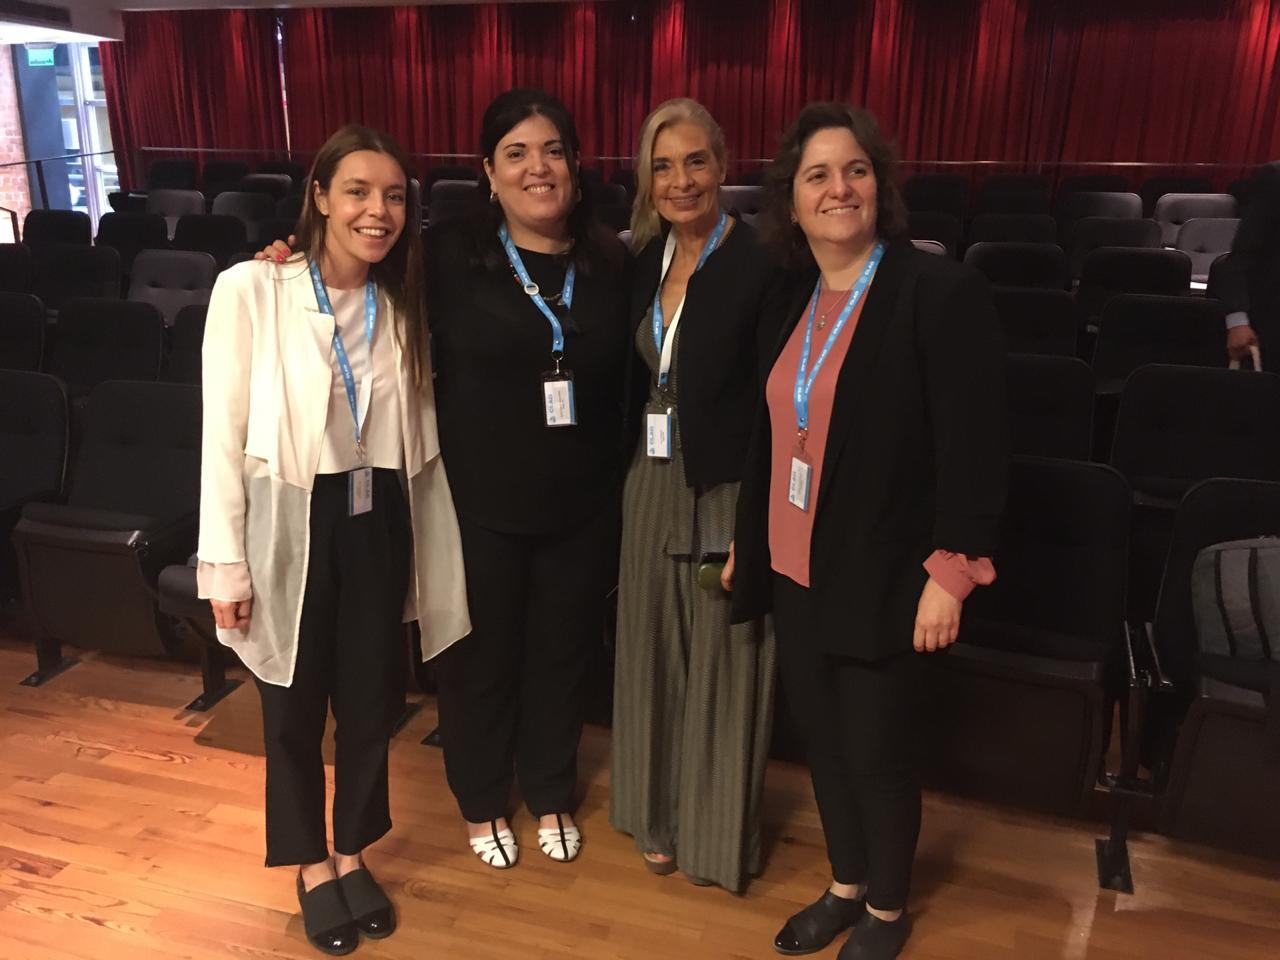 Laura Montero expuso en el XXIV Congreso Internacional sobre Reforma del Estado y de la Administración Pública (CLAD)